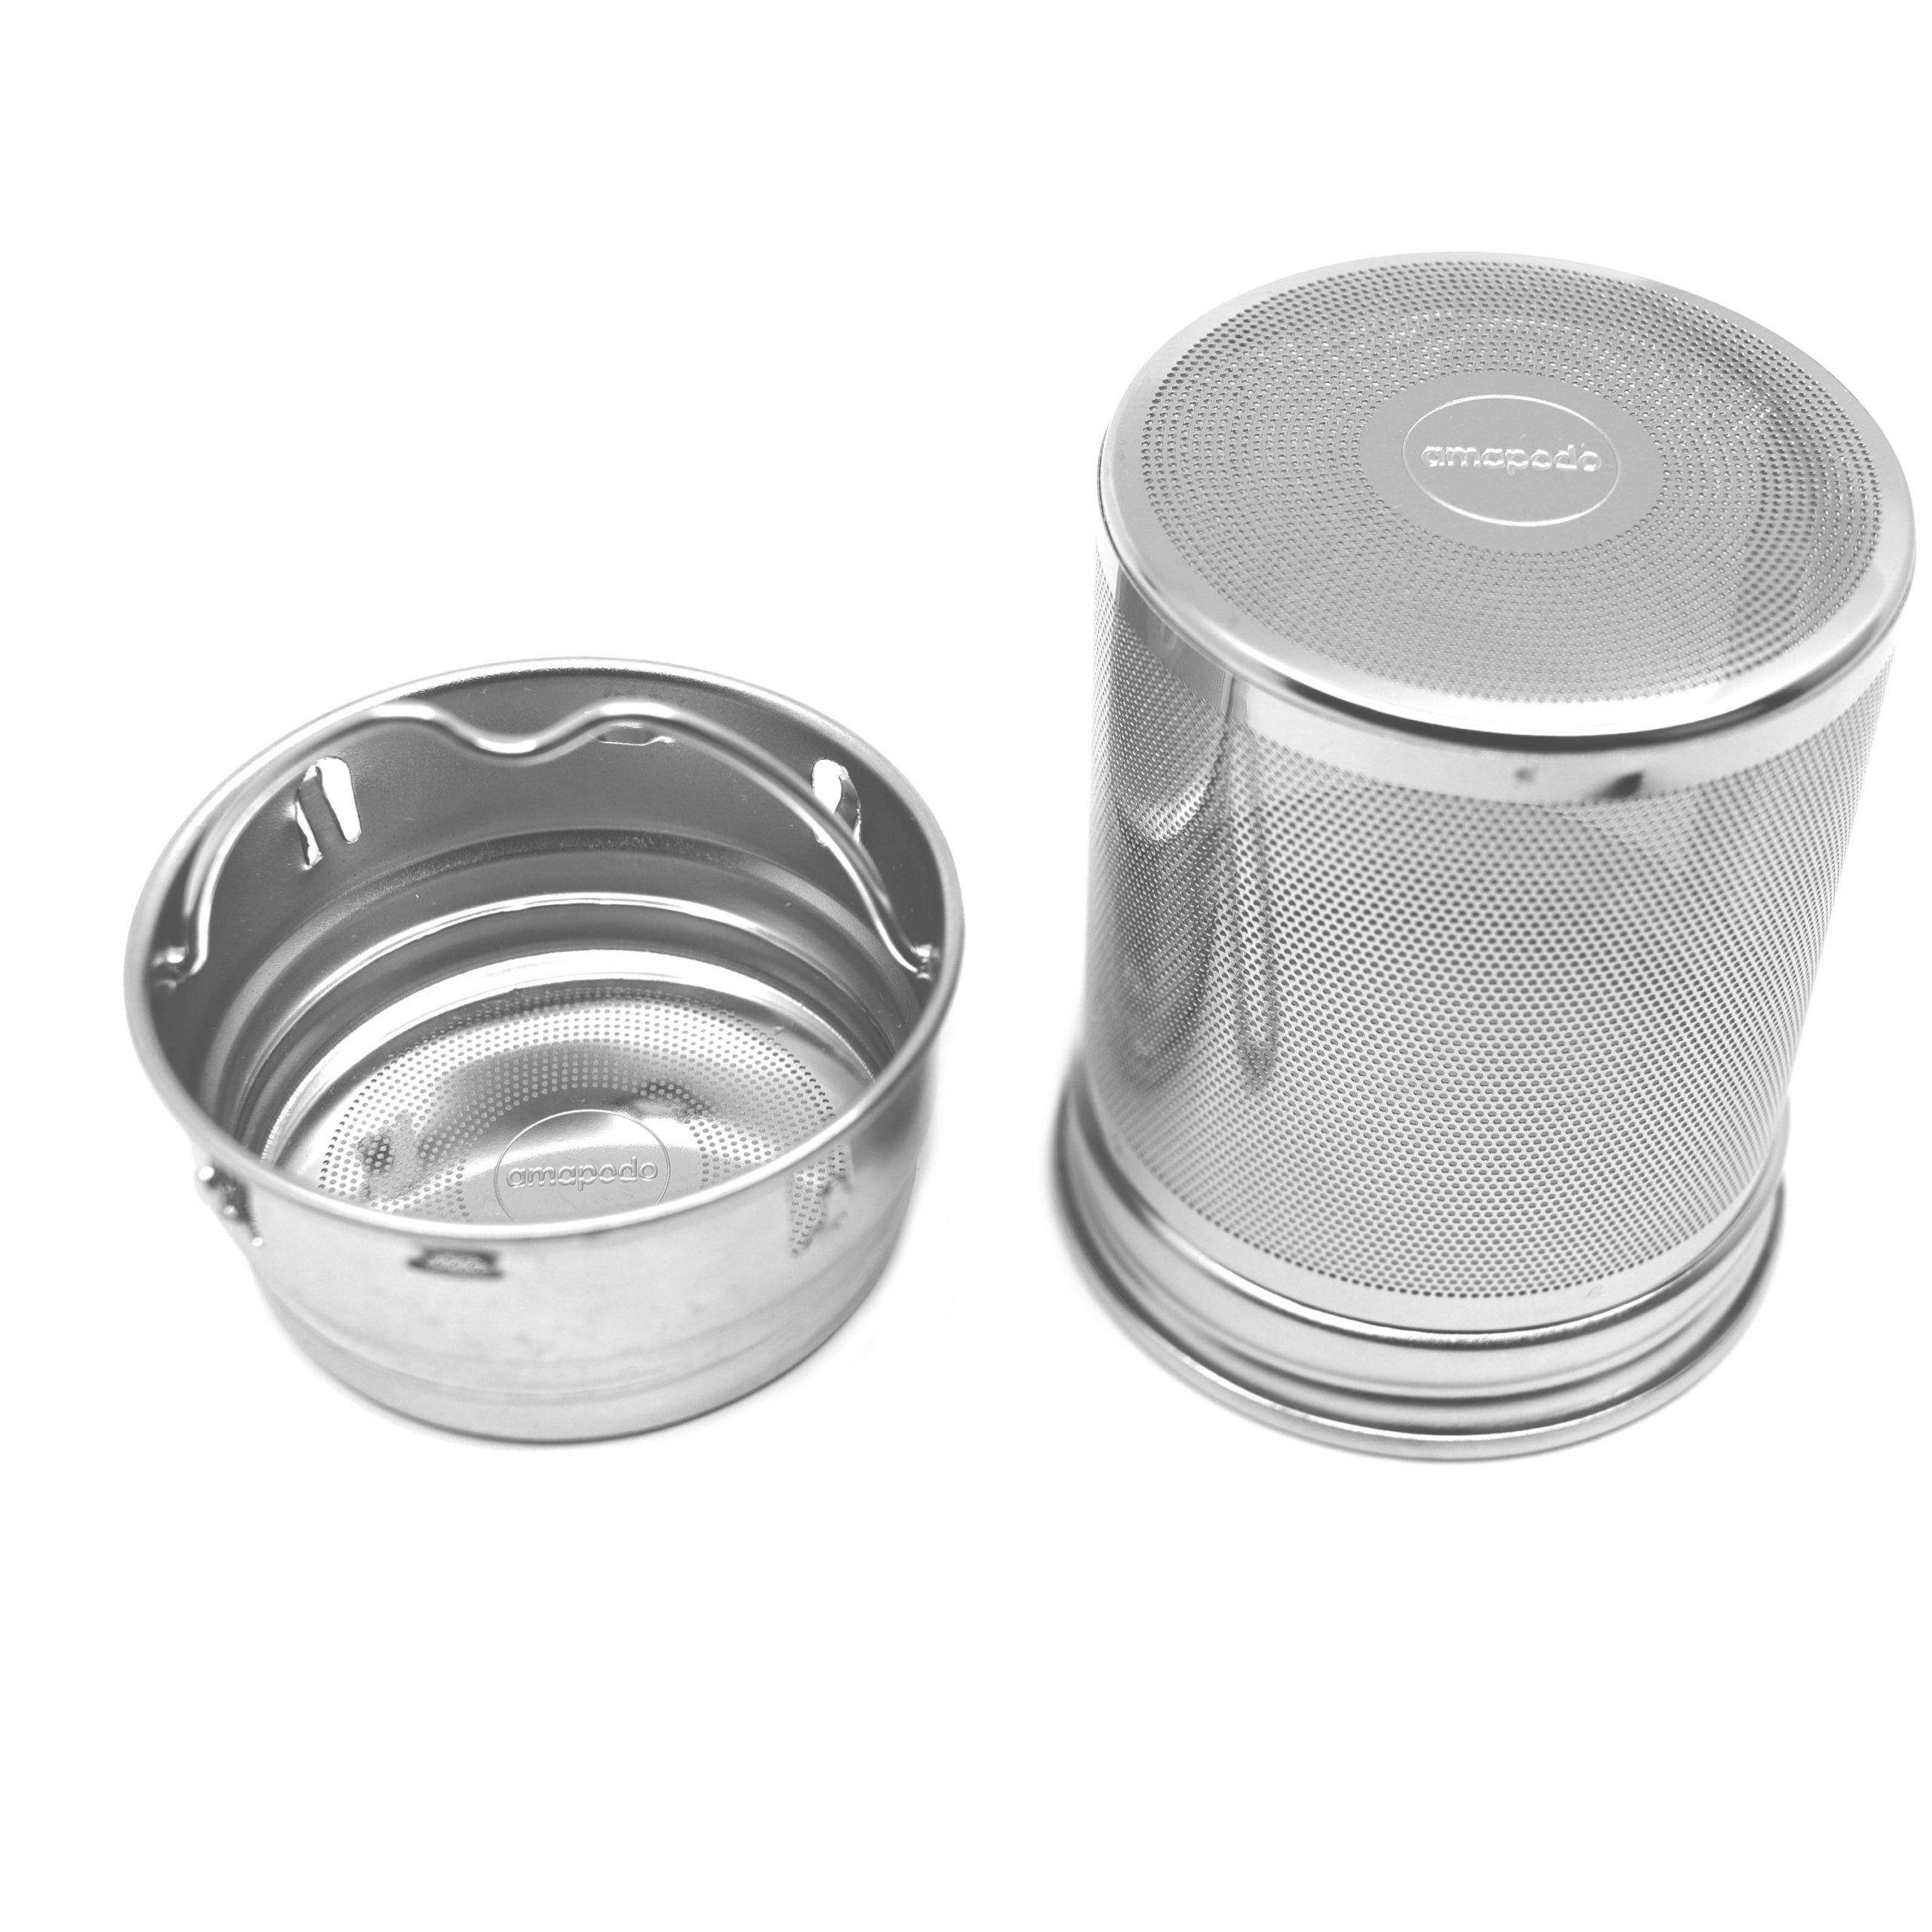 73JohnPol Loose Leaf Tea Infuser Wiederverwendbares sicheres Teesieb mit Tropfschale aus Edelstahl f/ür Teeliebhaber